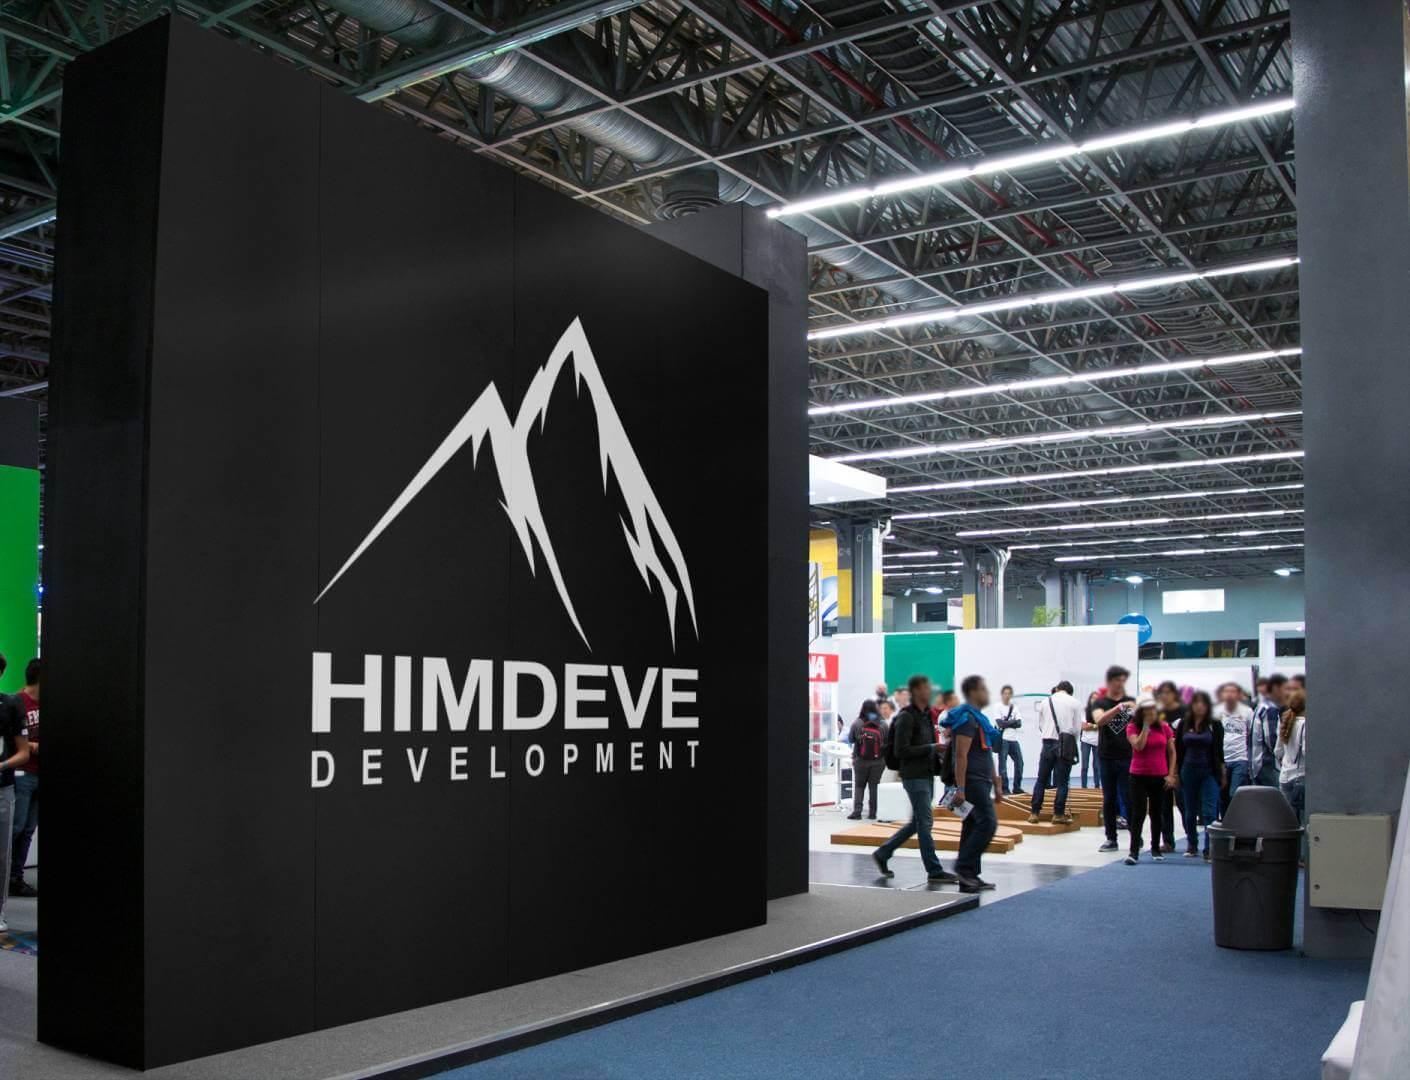 Himdeve conference